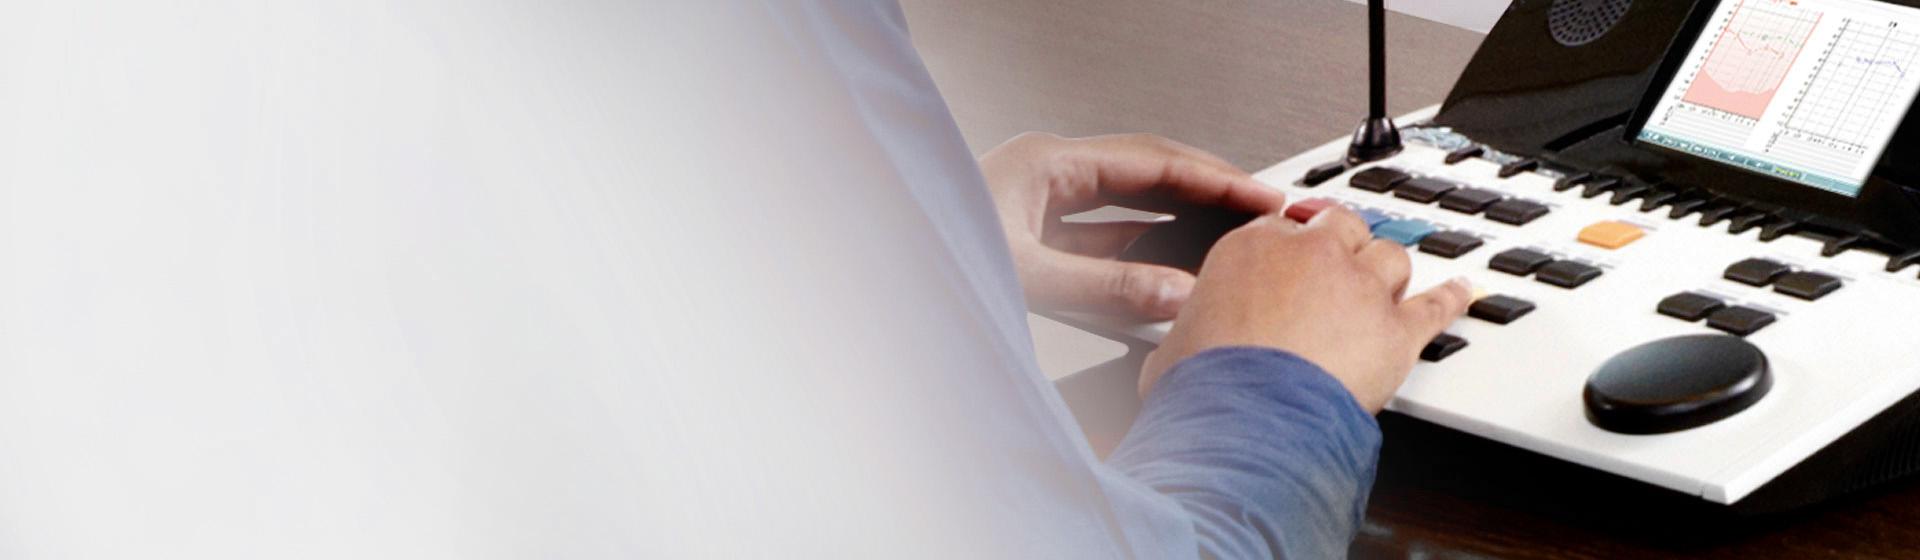 Audiometer kaufen bei Diatec Diagnostics